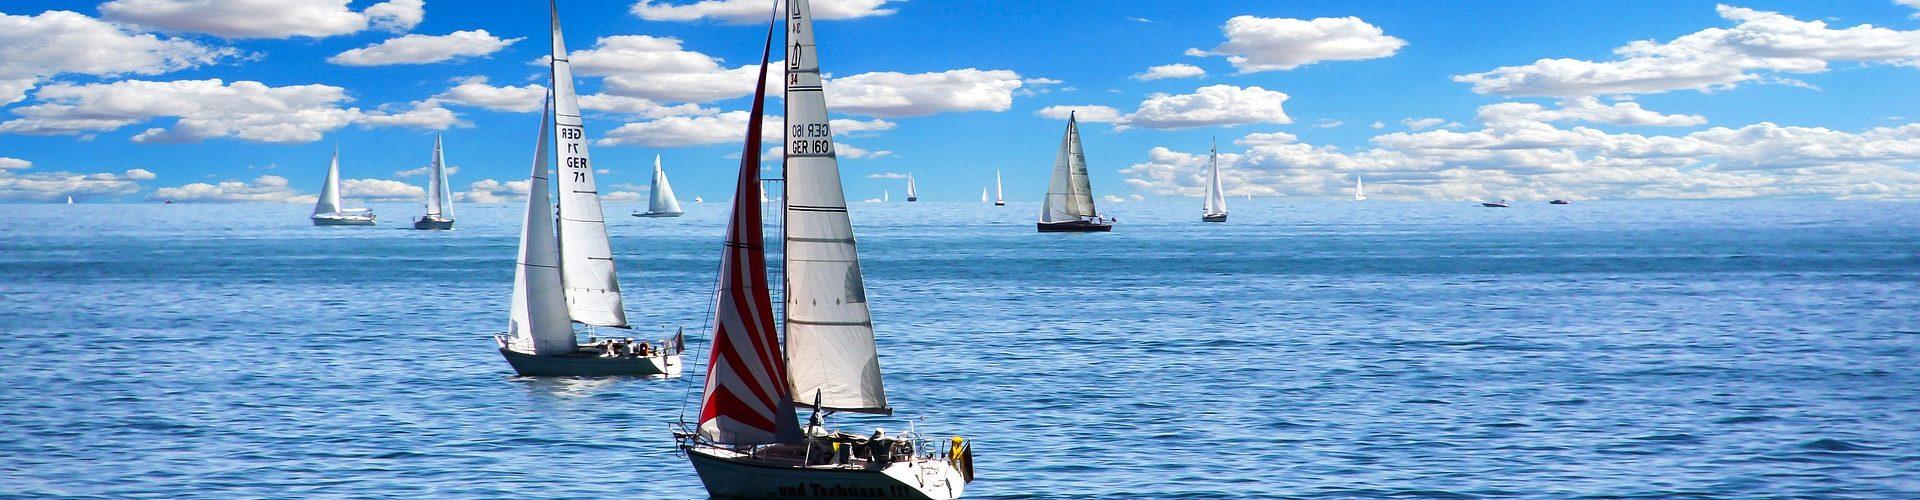 segeln lernen in Reichshof segelschein machen in Reichshof 1920x500 - Segeln lernen in Reichshof